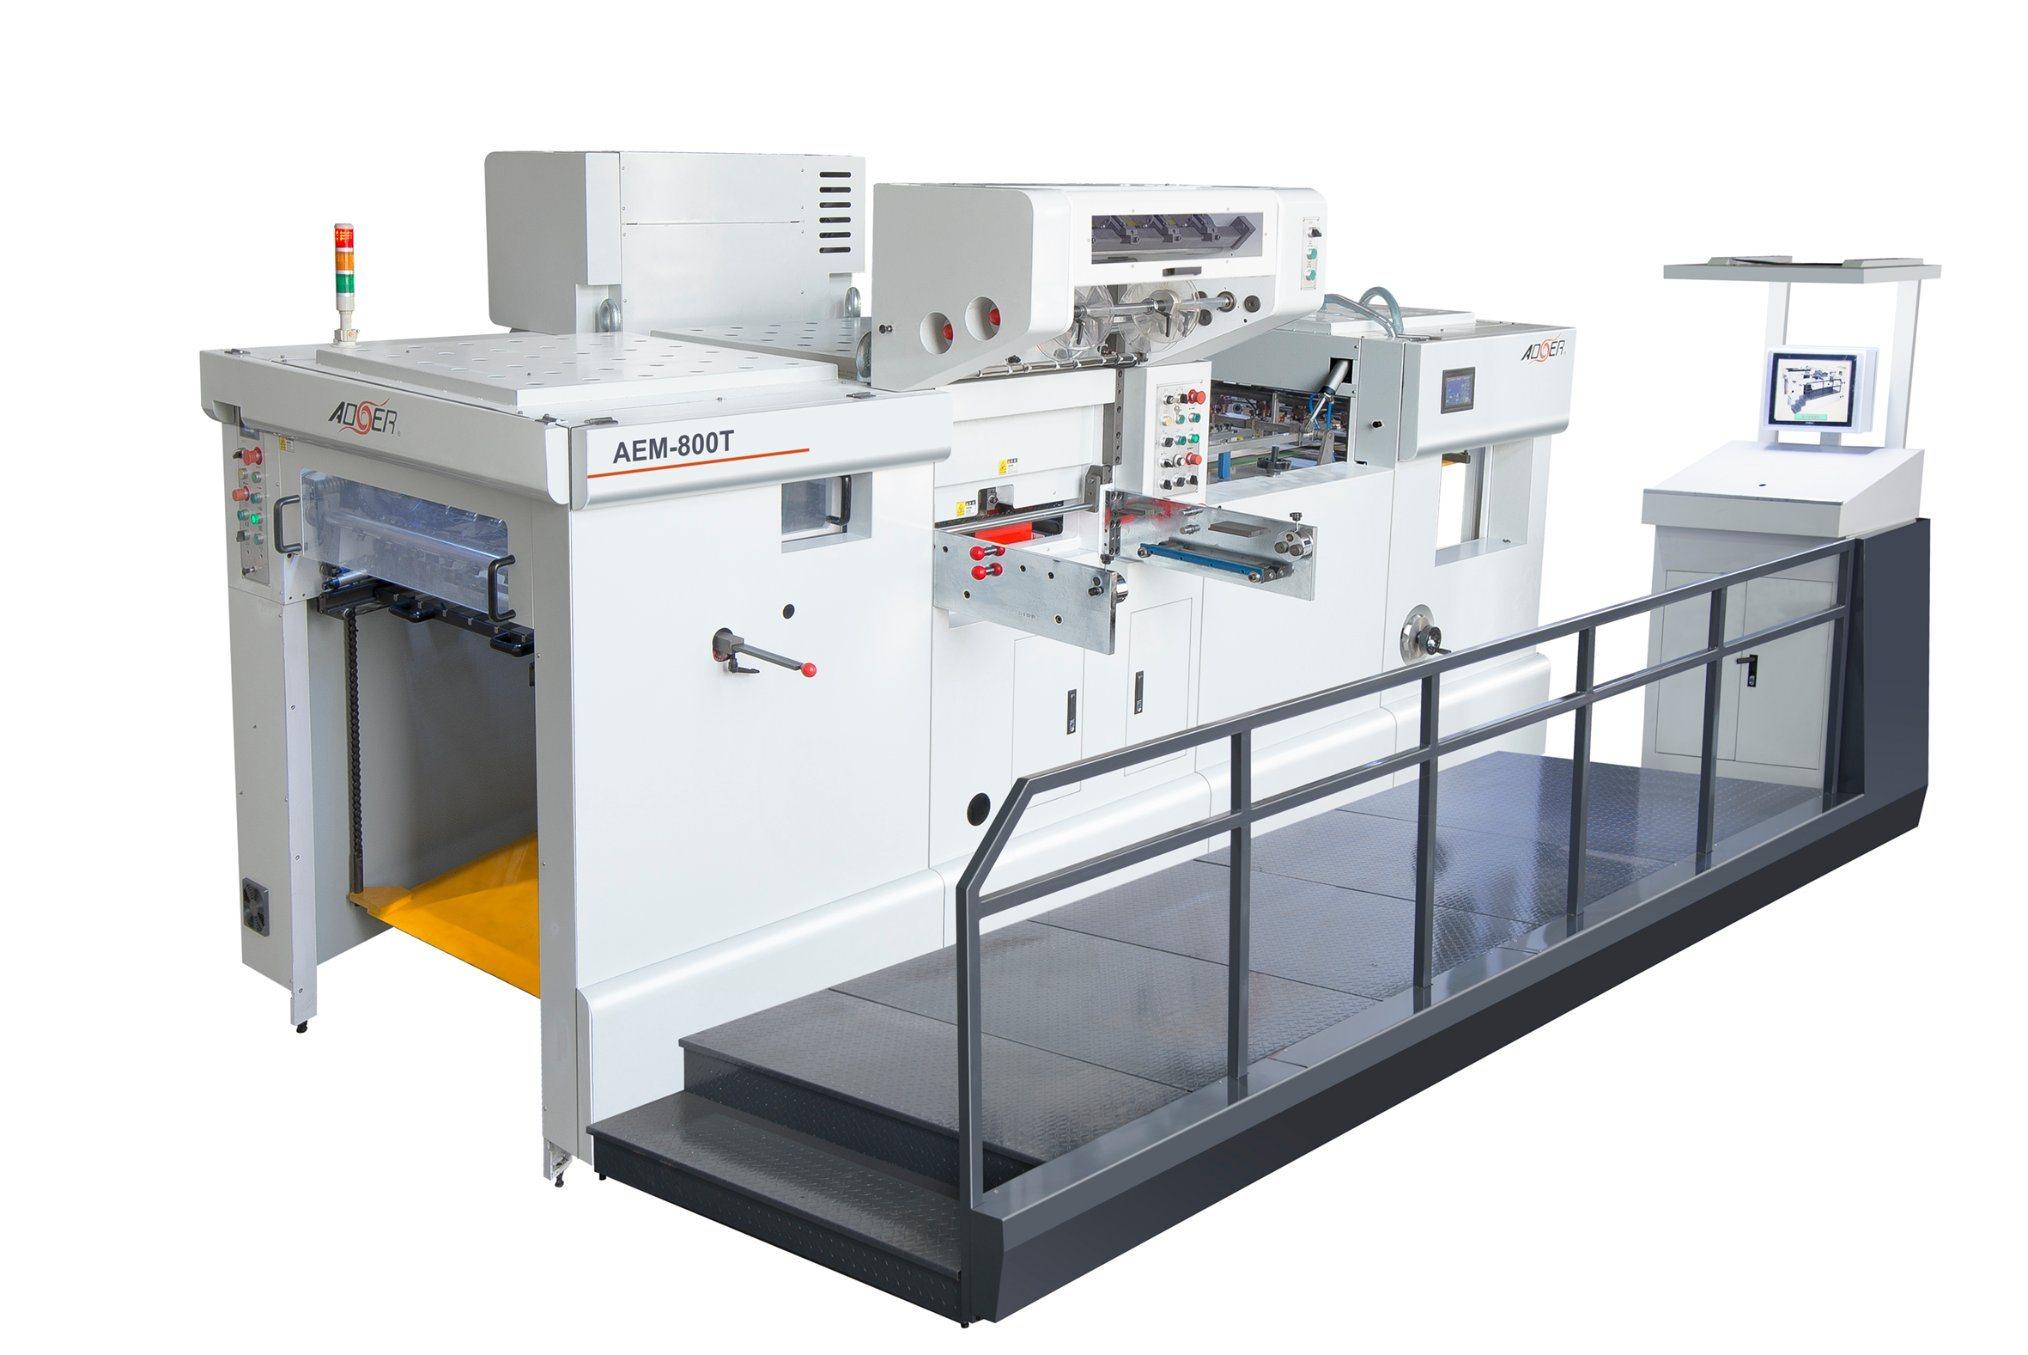 AEM-800t Automatic Hot Stamping & Die Cutting Machine